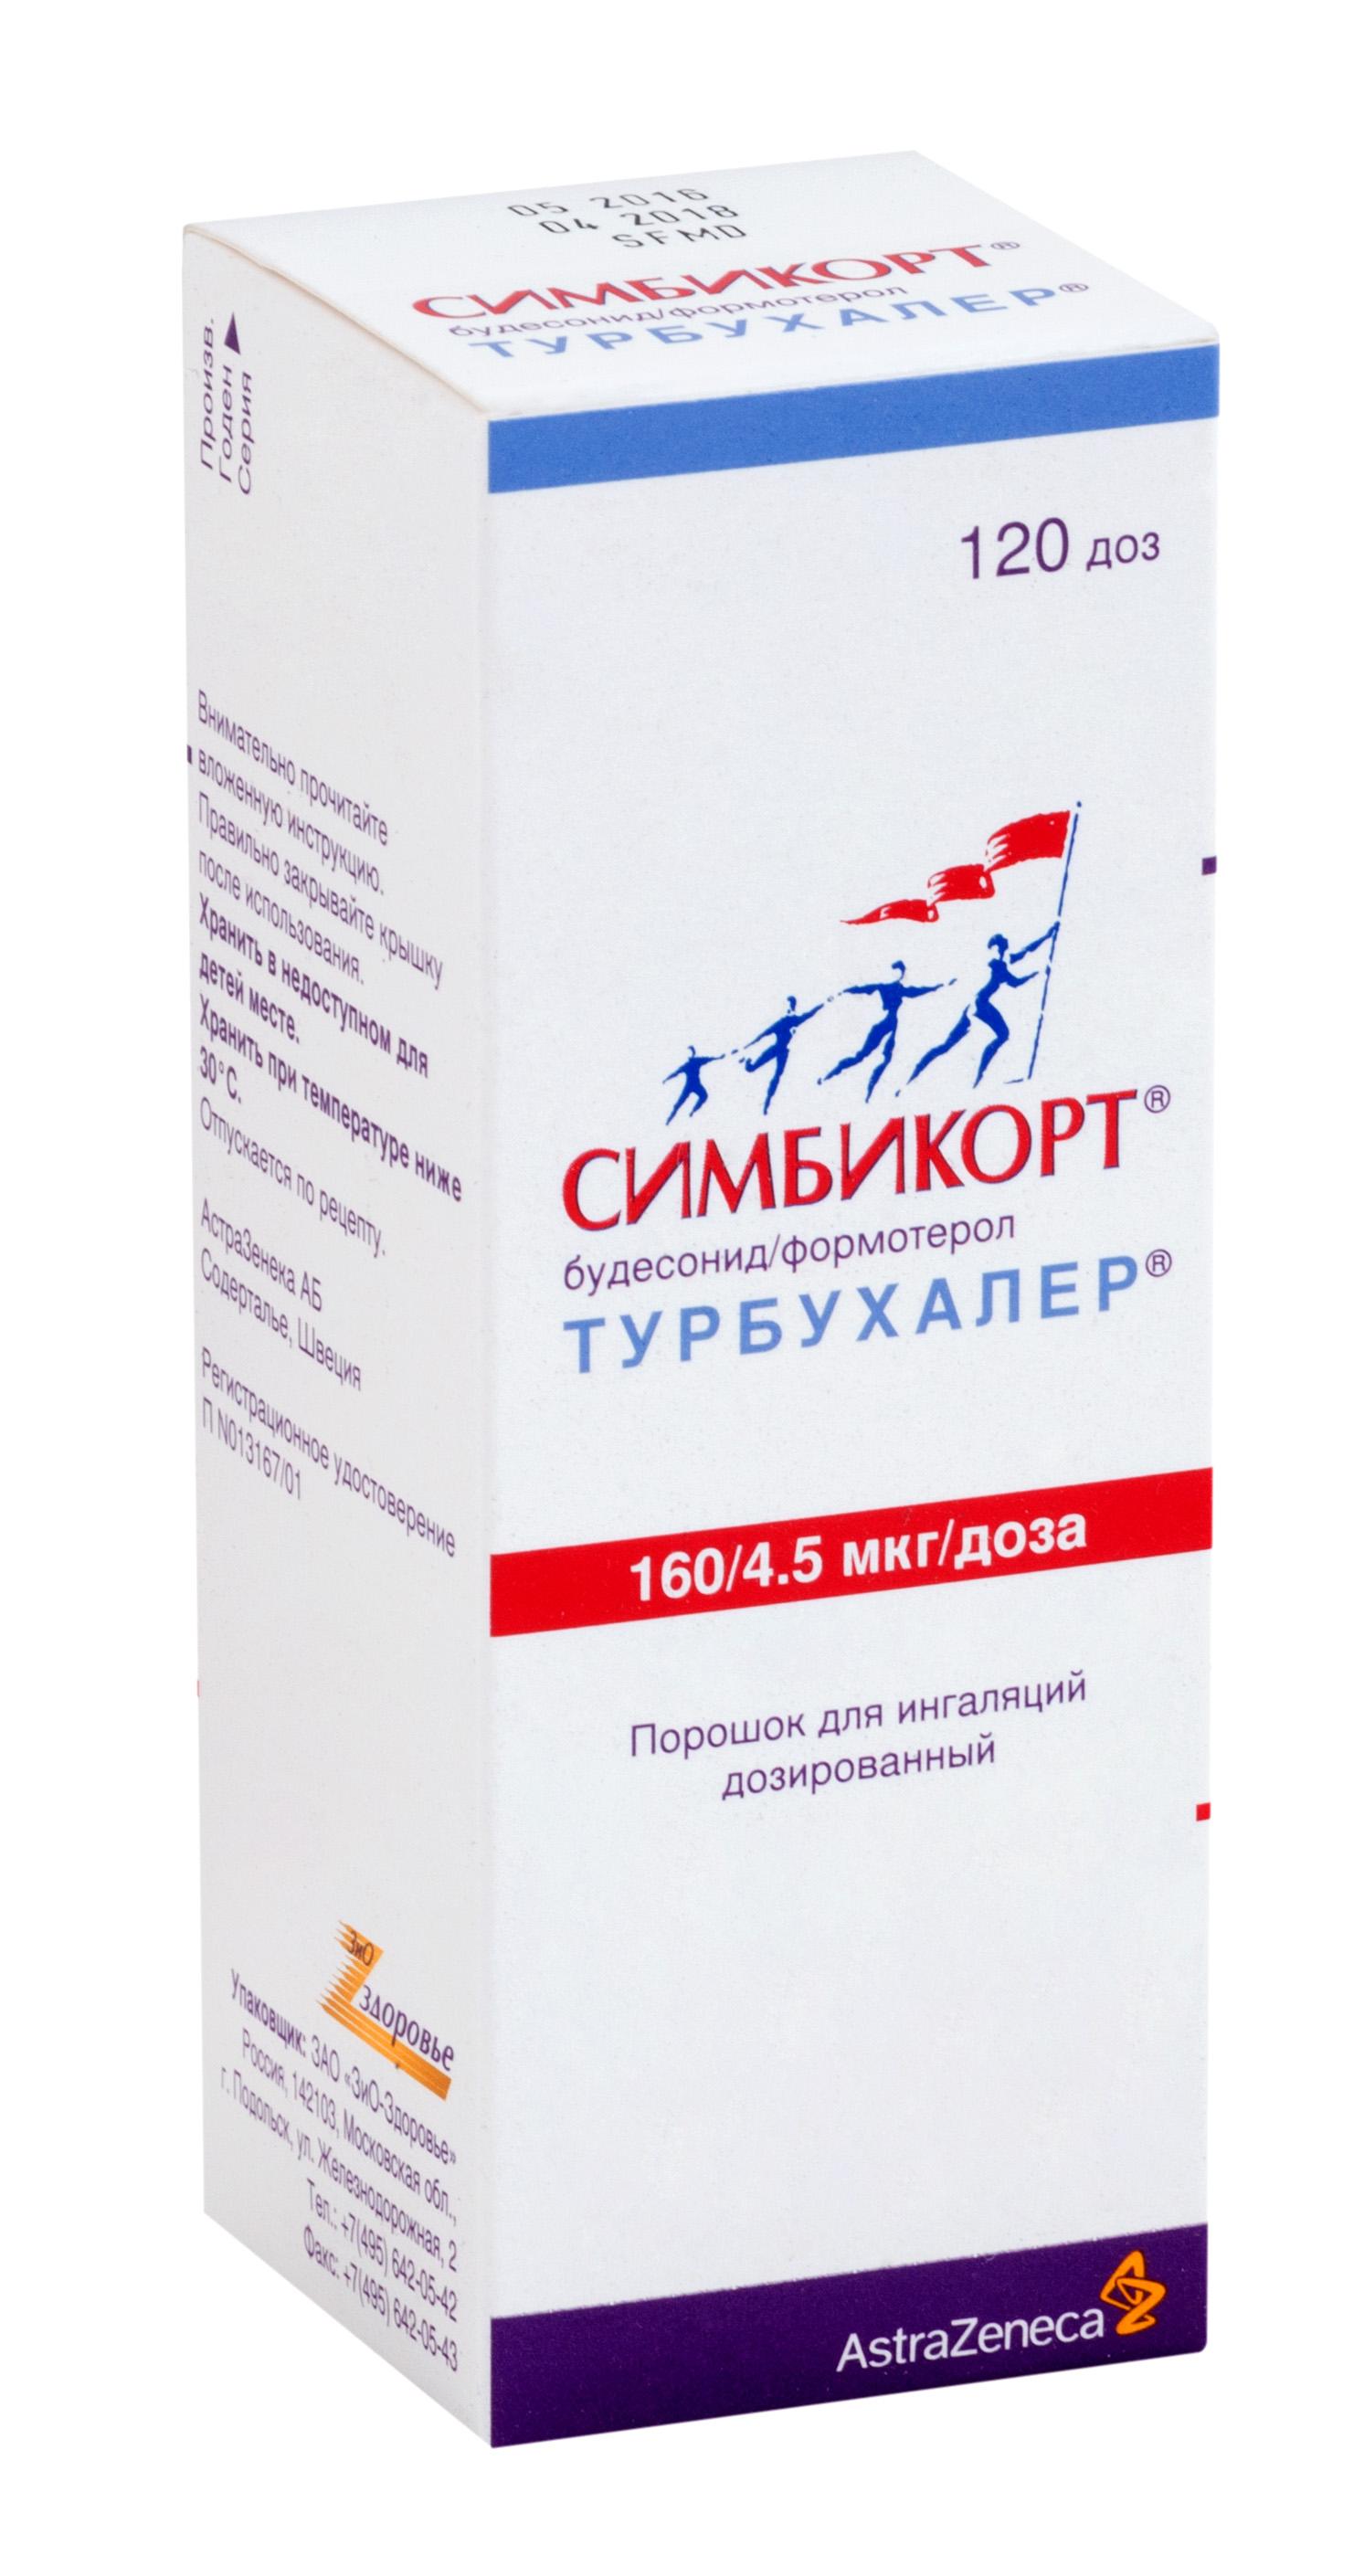 Симбикорт турбухалер пор. д/ингал. 160мкг+4,5мкг/доза 120доз n1